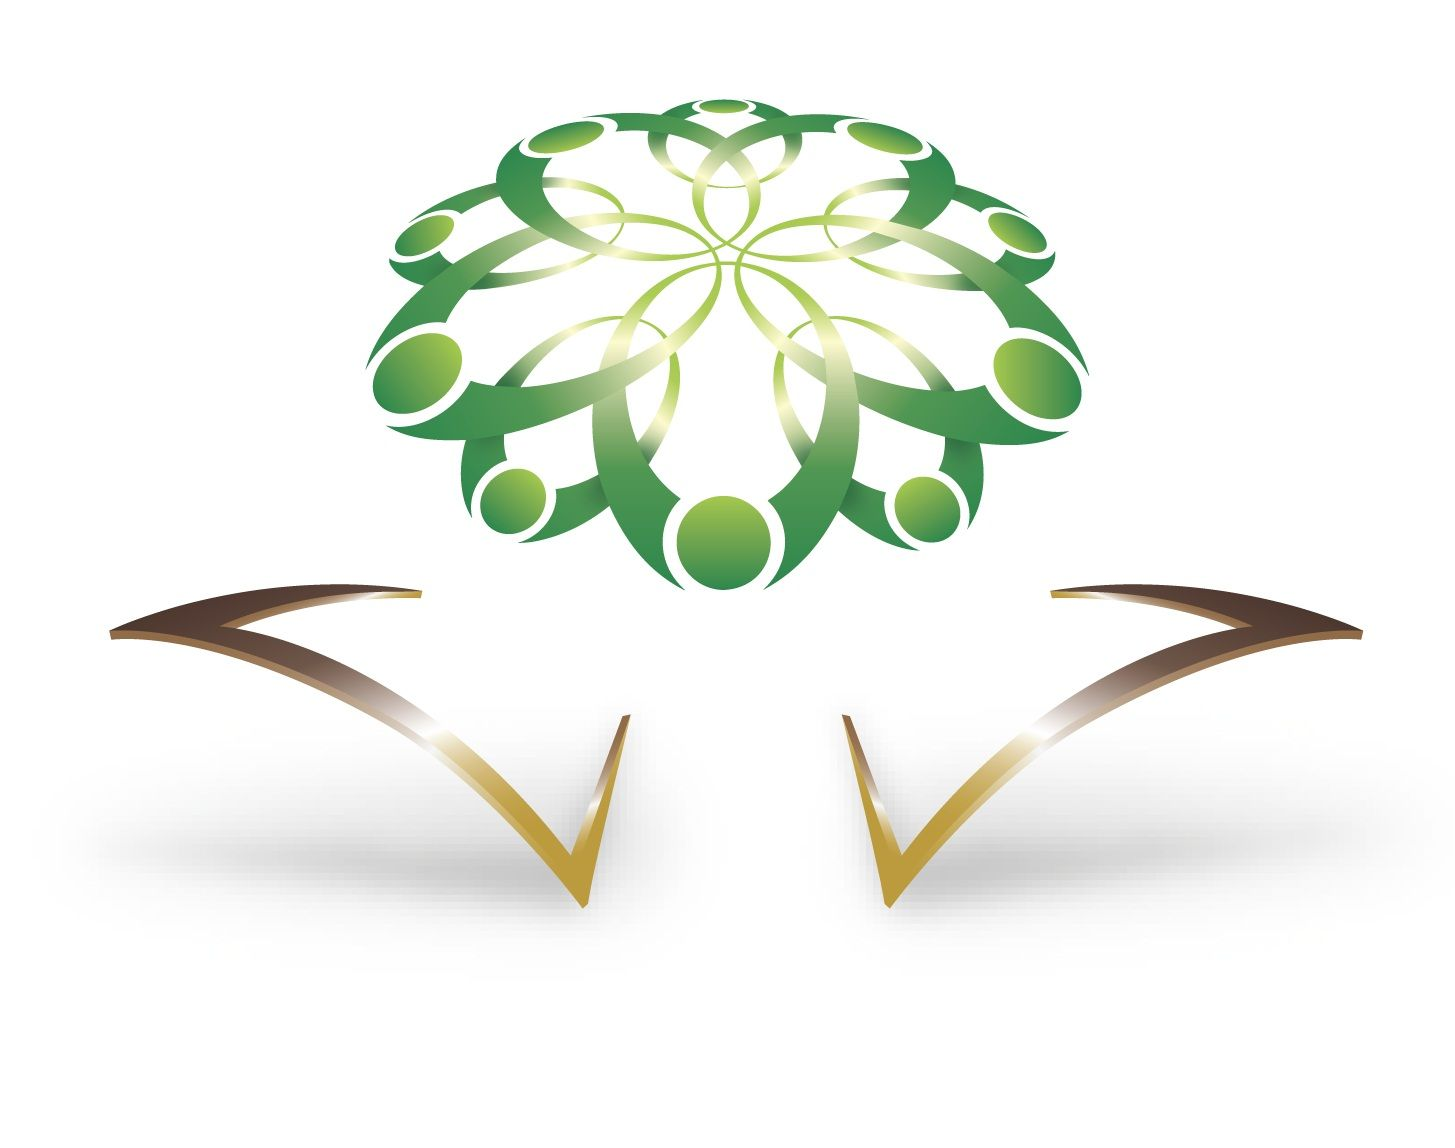 يتابع موقع سعودي فايف أخبار نتائج جدارة لعام 1439 حيث استدعت وزارة الخدمة المدنية ما يقرب من 1464 متقدم للوظائف التعليمية عبر نظام Plant Leaves Green Wonder